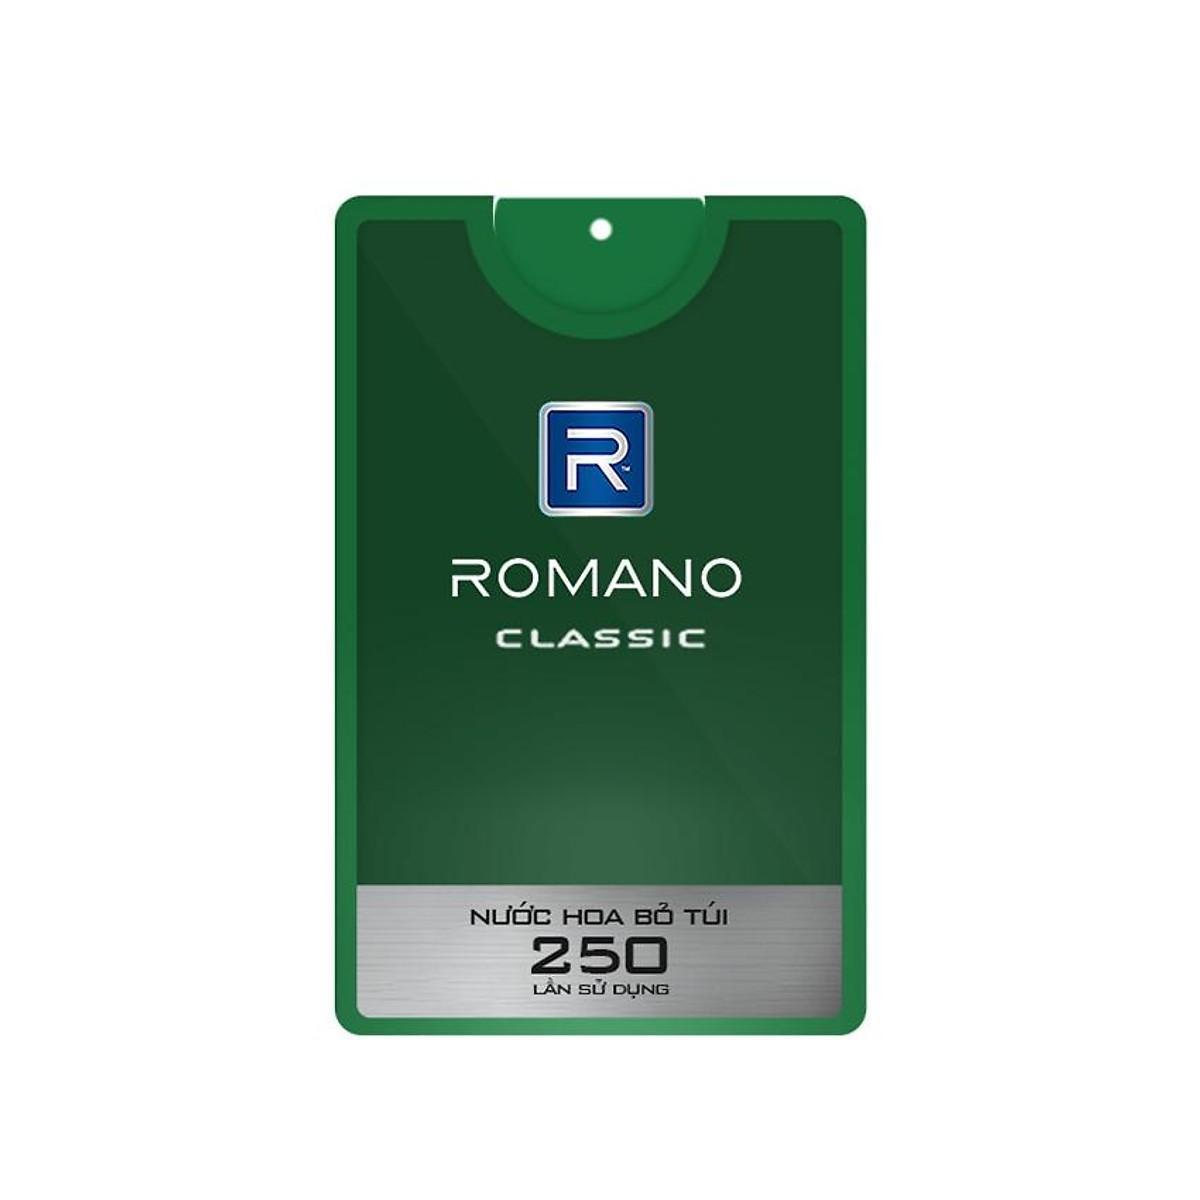 Nước hoa bỏ túi cao cấp Romano Classic cổ điển lịch lãm hương nam tính mọi lúc mọi nơi 18ml